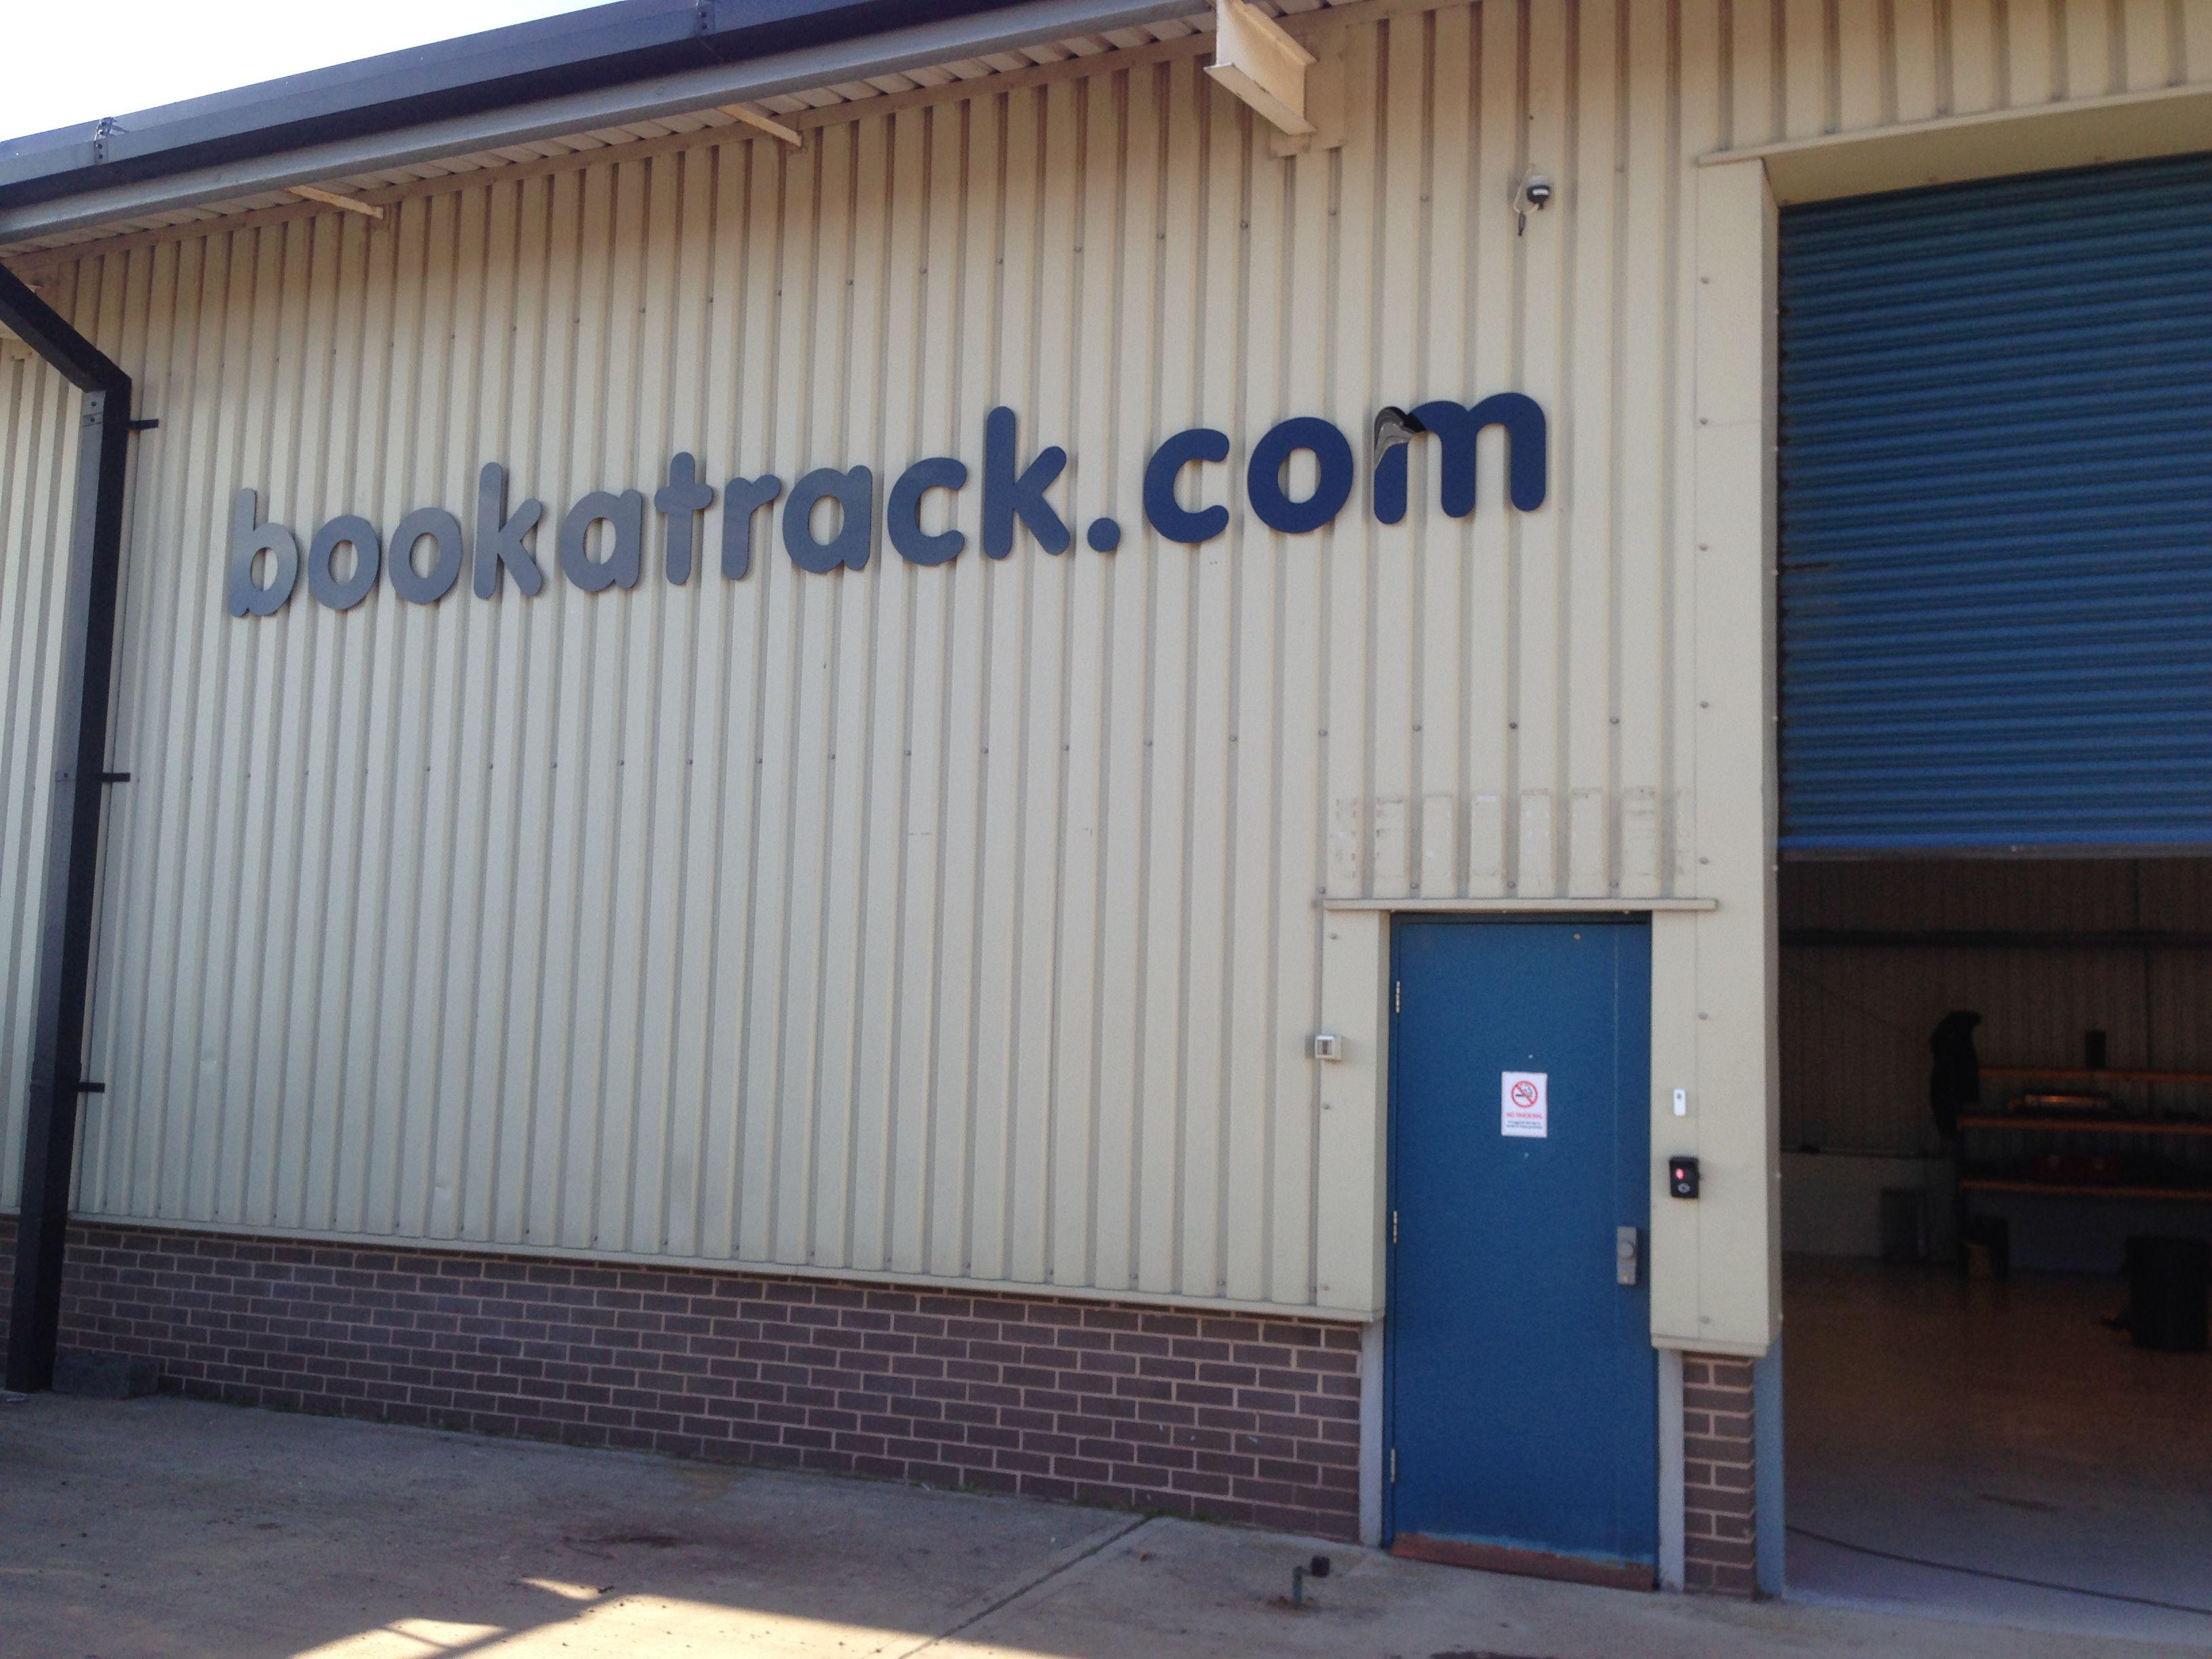 Bookatrack.com